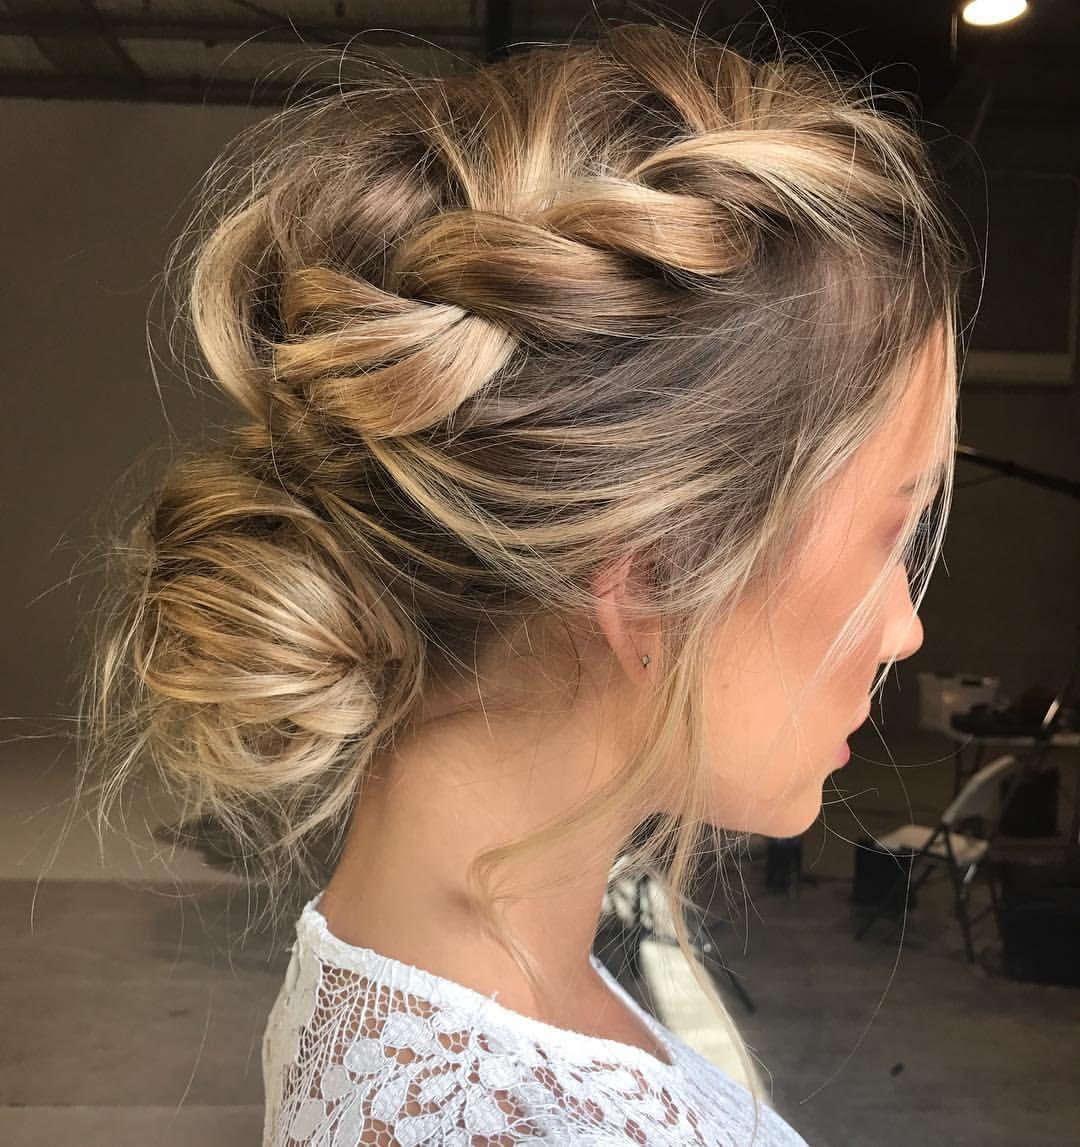 Haare mode schönheit haaremodeschönheit pinterest